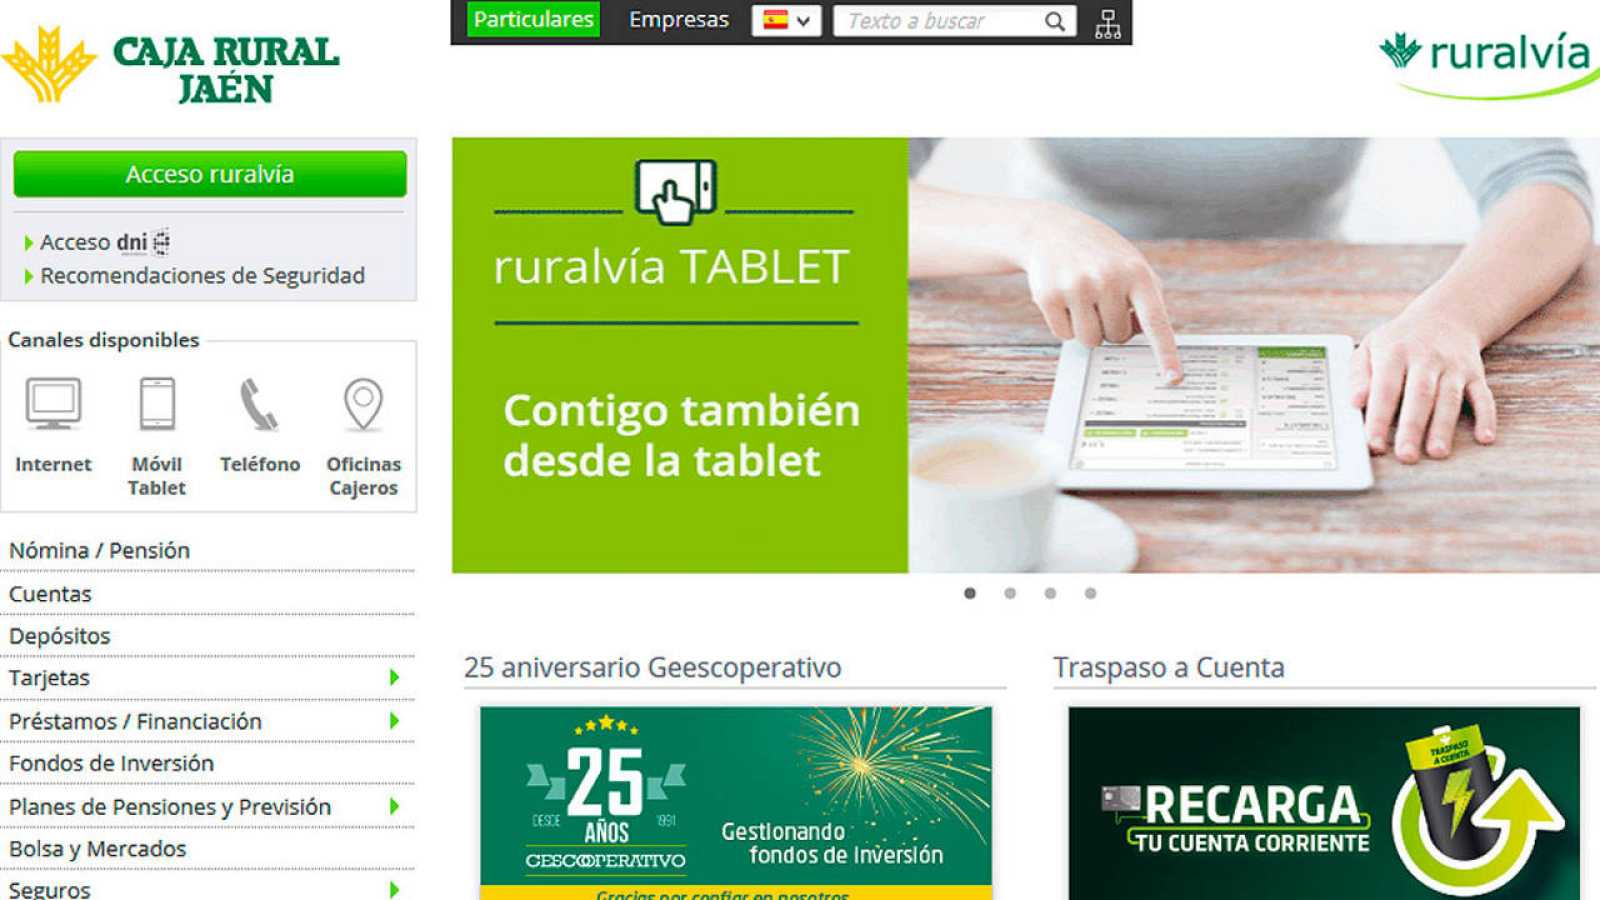 Página web de la Caja Rural de Jaén